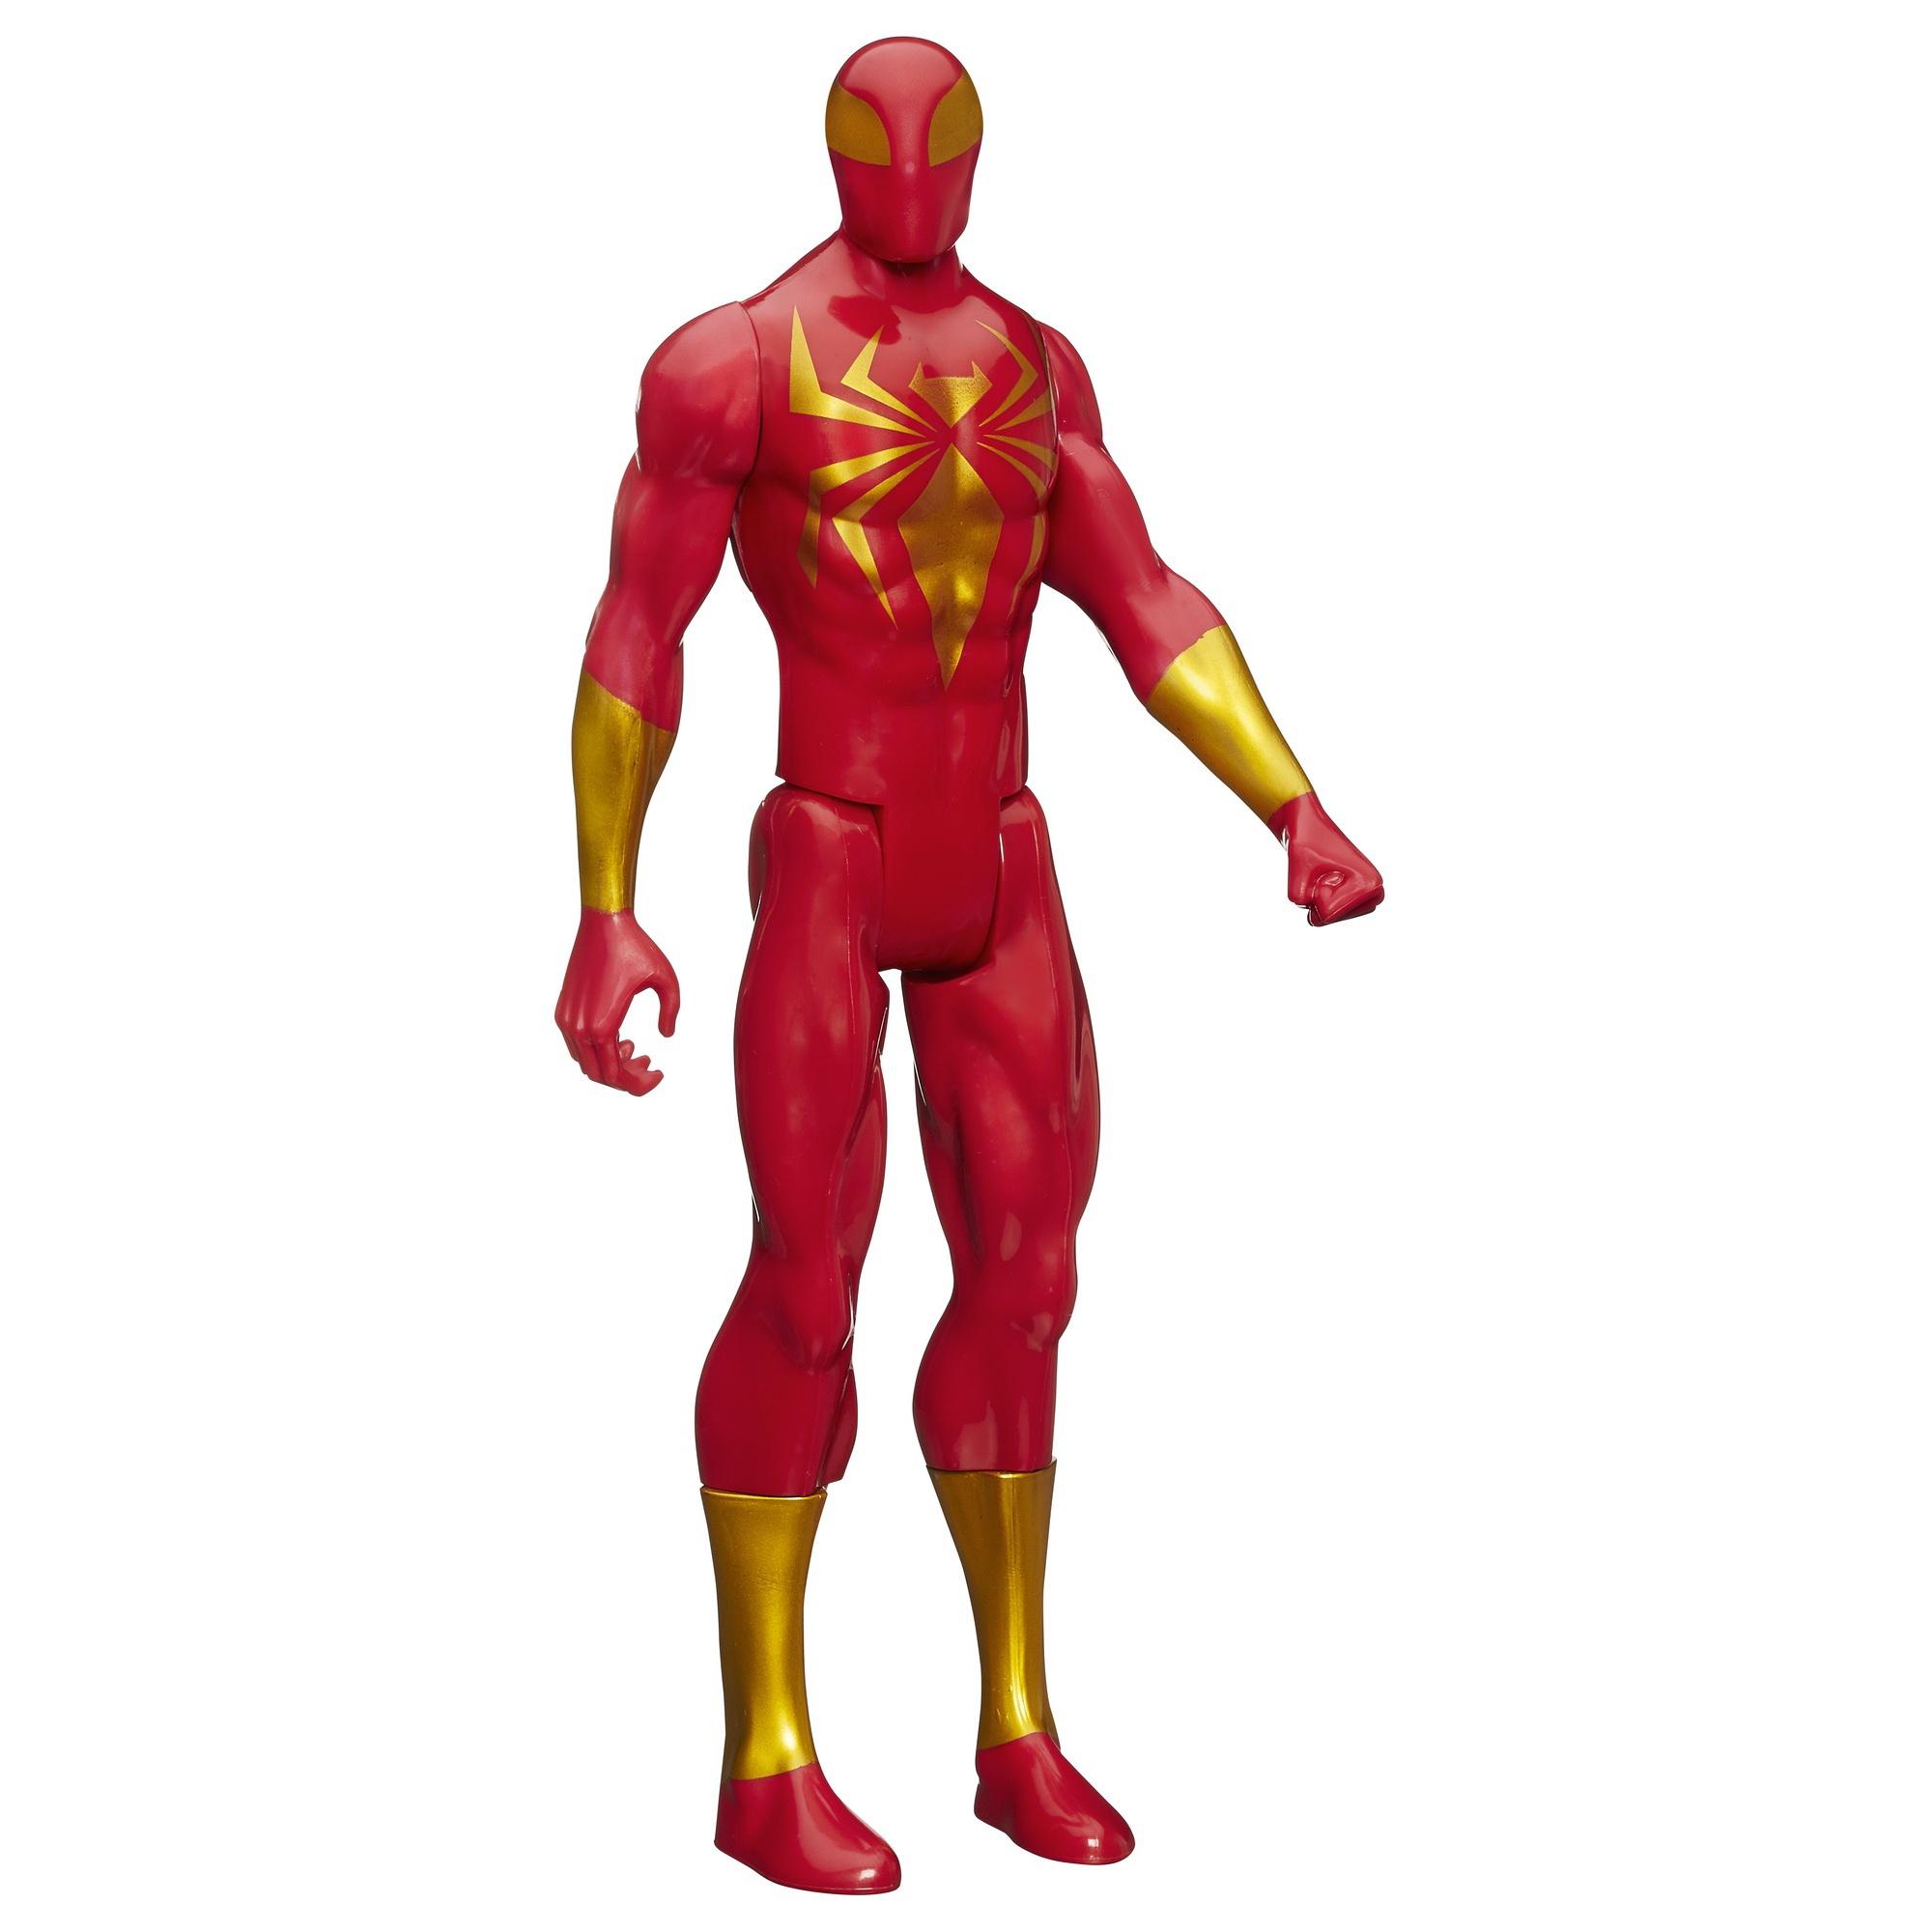 SPIDER-MAN TITAN HERO SERIES IRON SPIDER